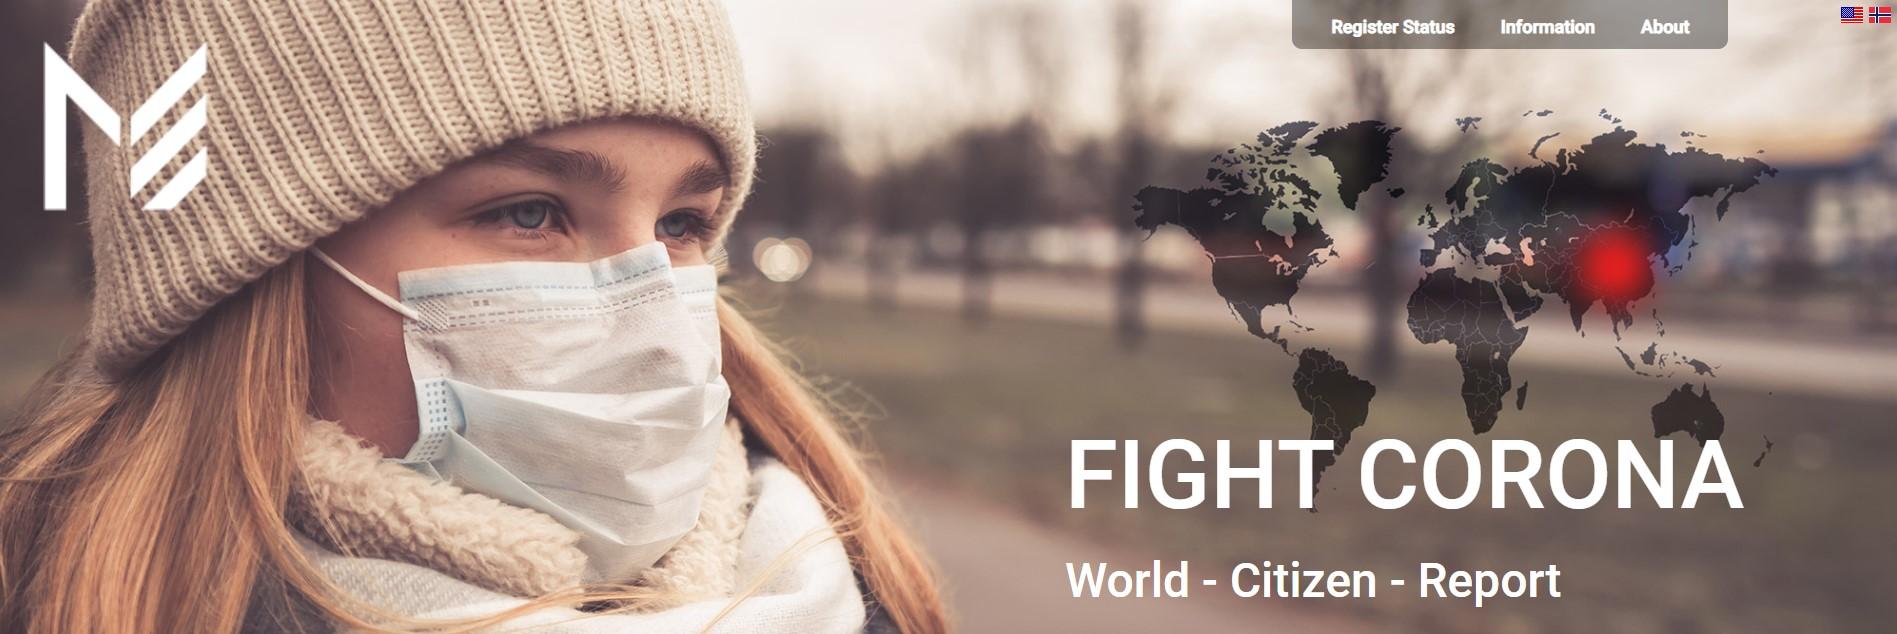 World Citizen Report